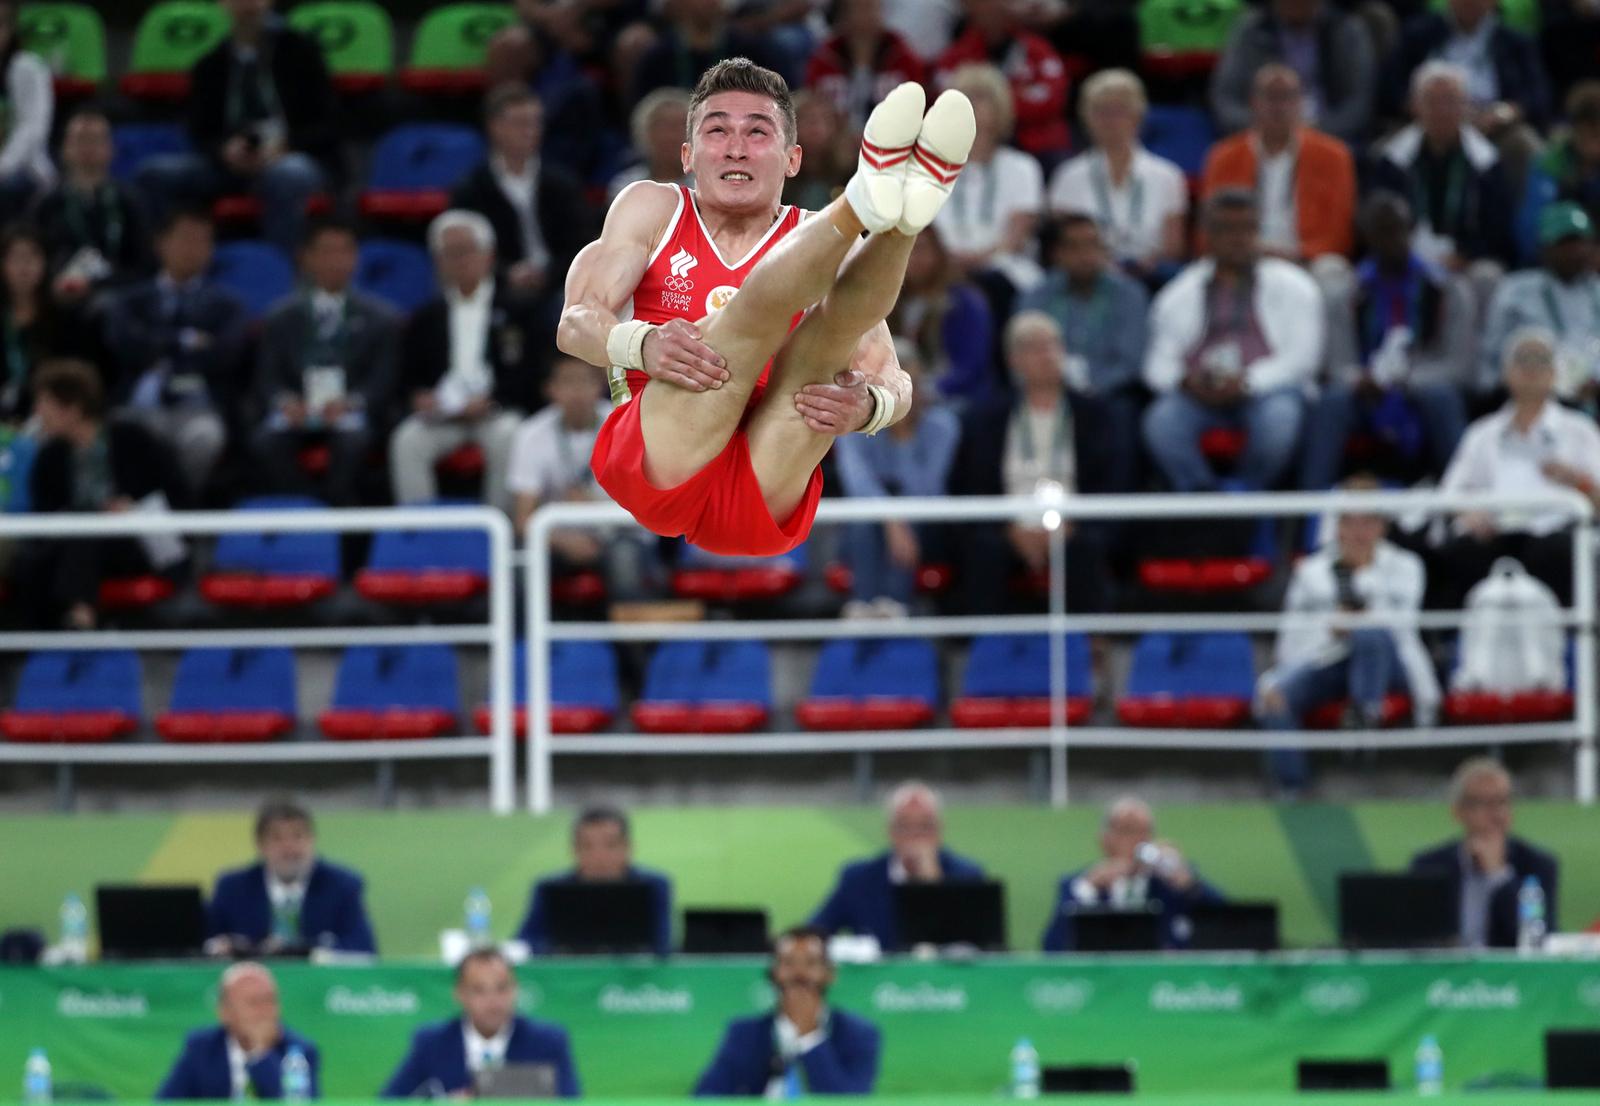 Российский гимнаст Давид Белявский в финале личных соревнований по спортивной гимнастике